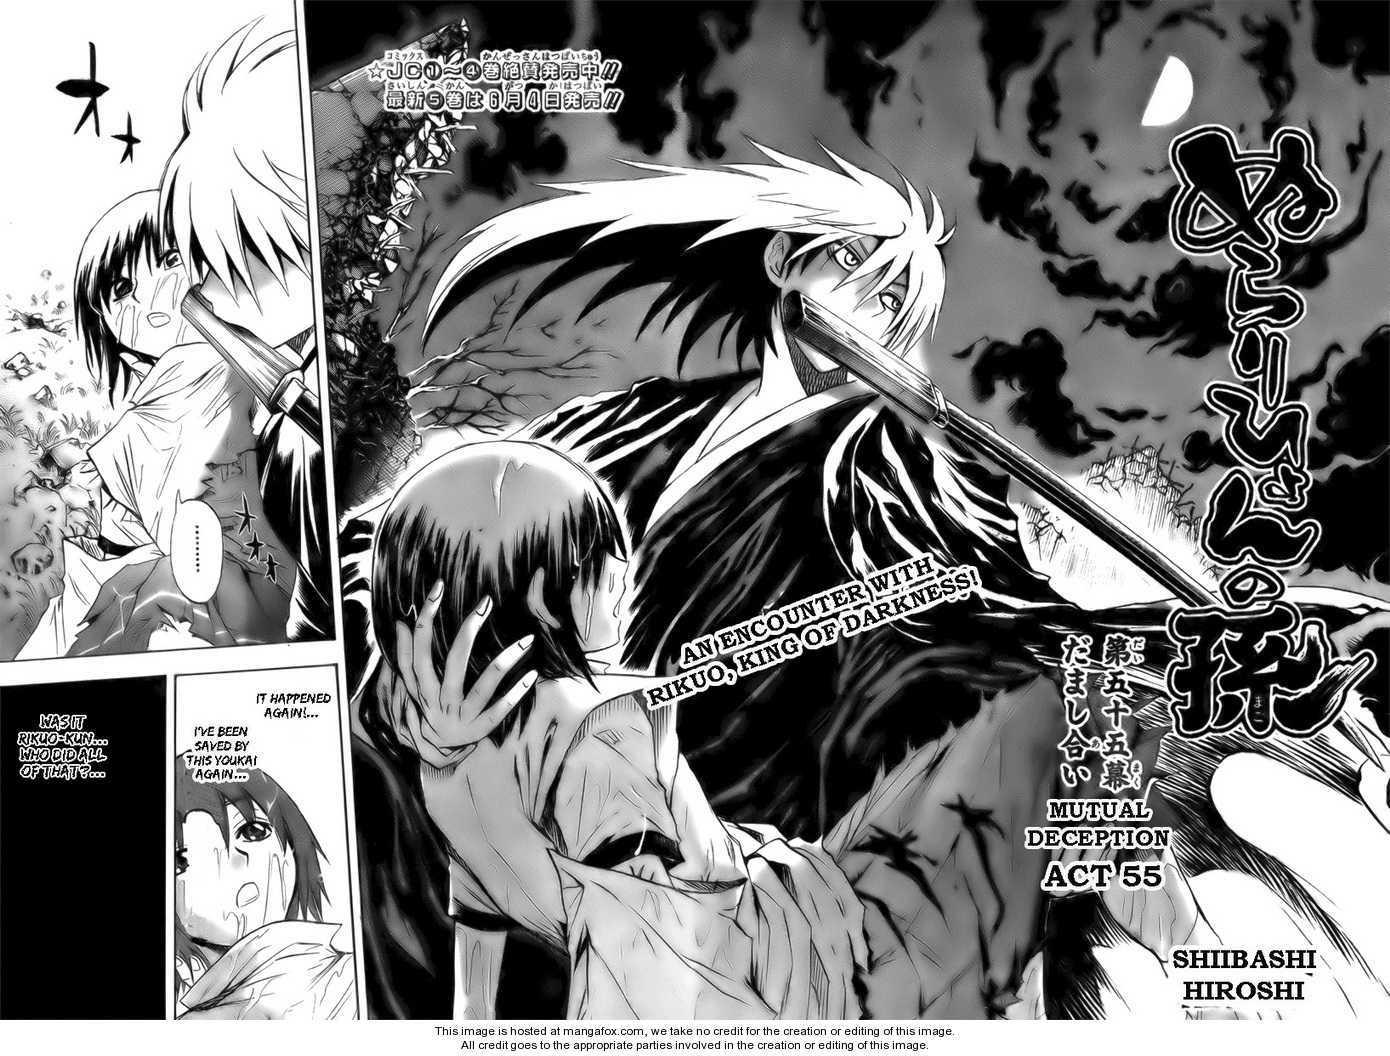 Nurarihyon no Mago 55 Page 2